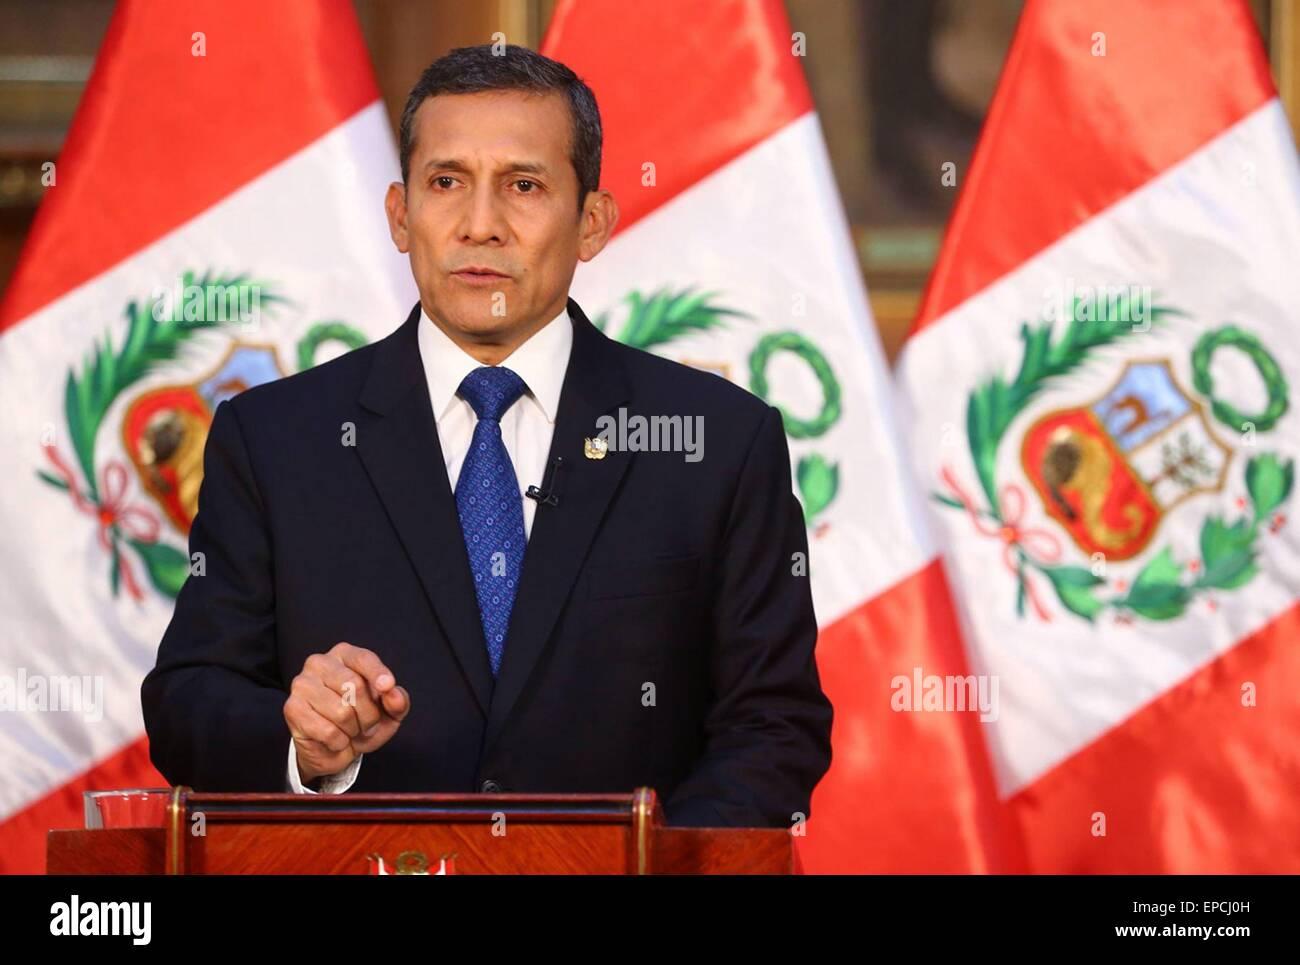 Lima. 15 Maggio, 2015. Il presidente del Perù Ollanta Humala affronta la nazione in Lima, Perù, il 15 Immagini Stock